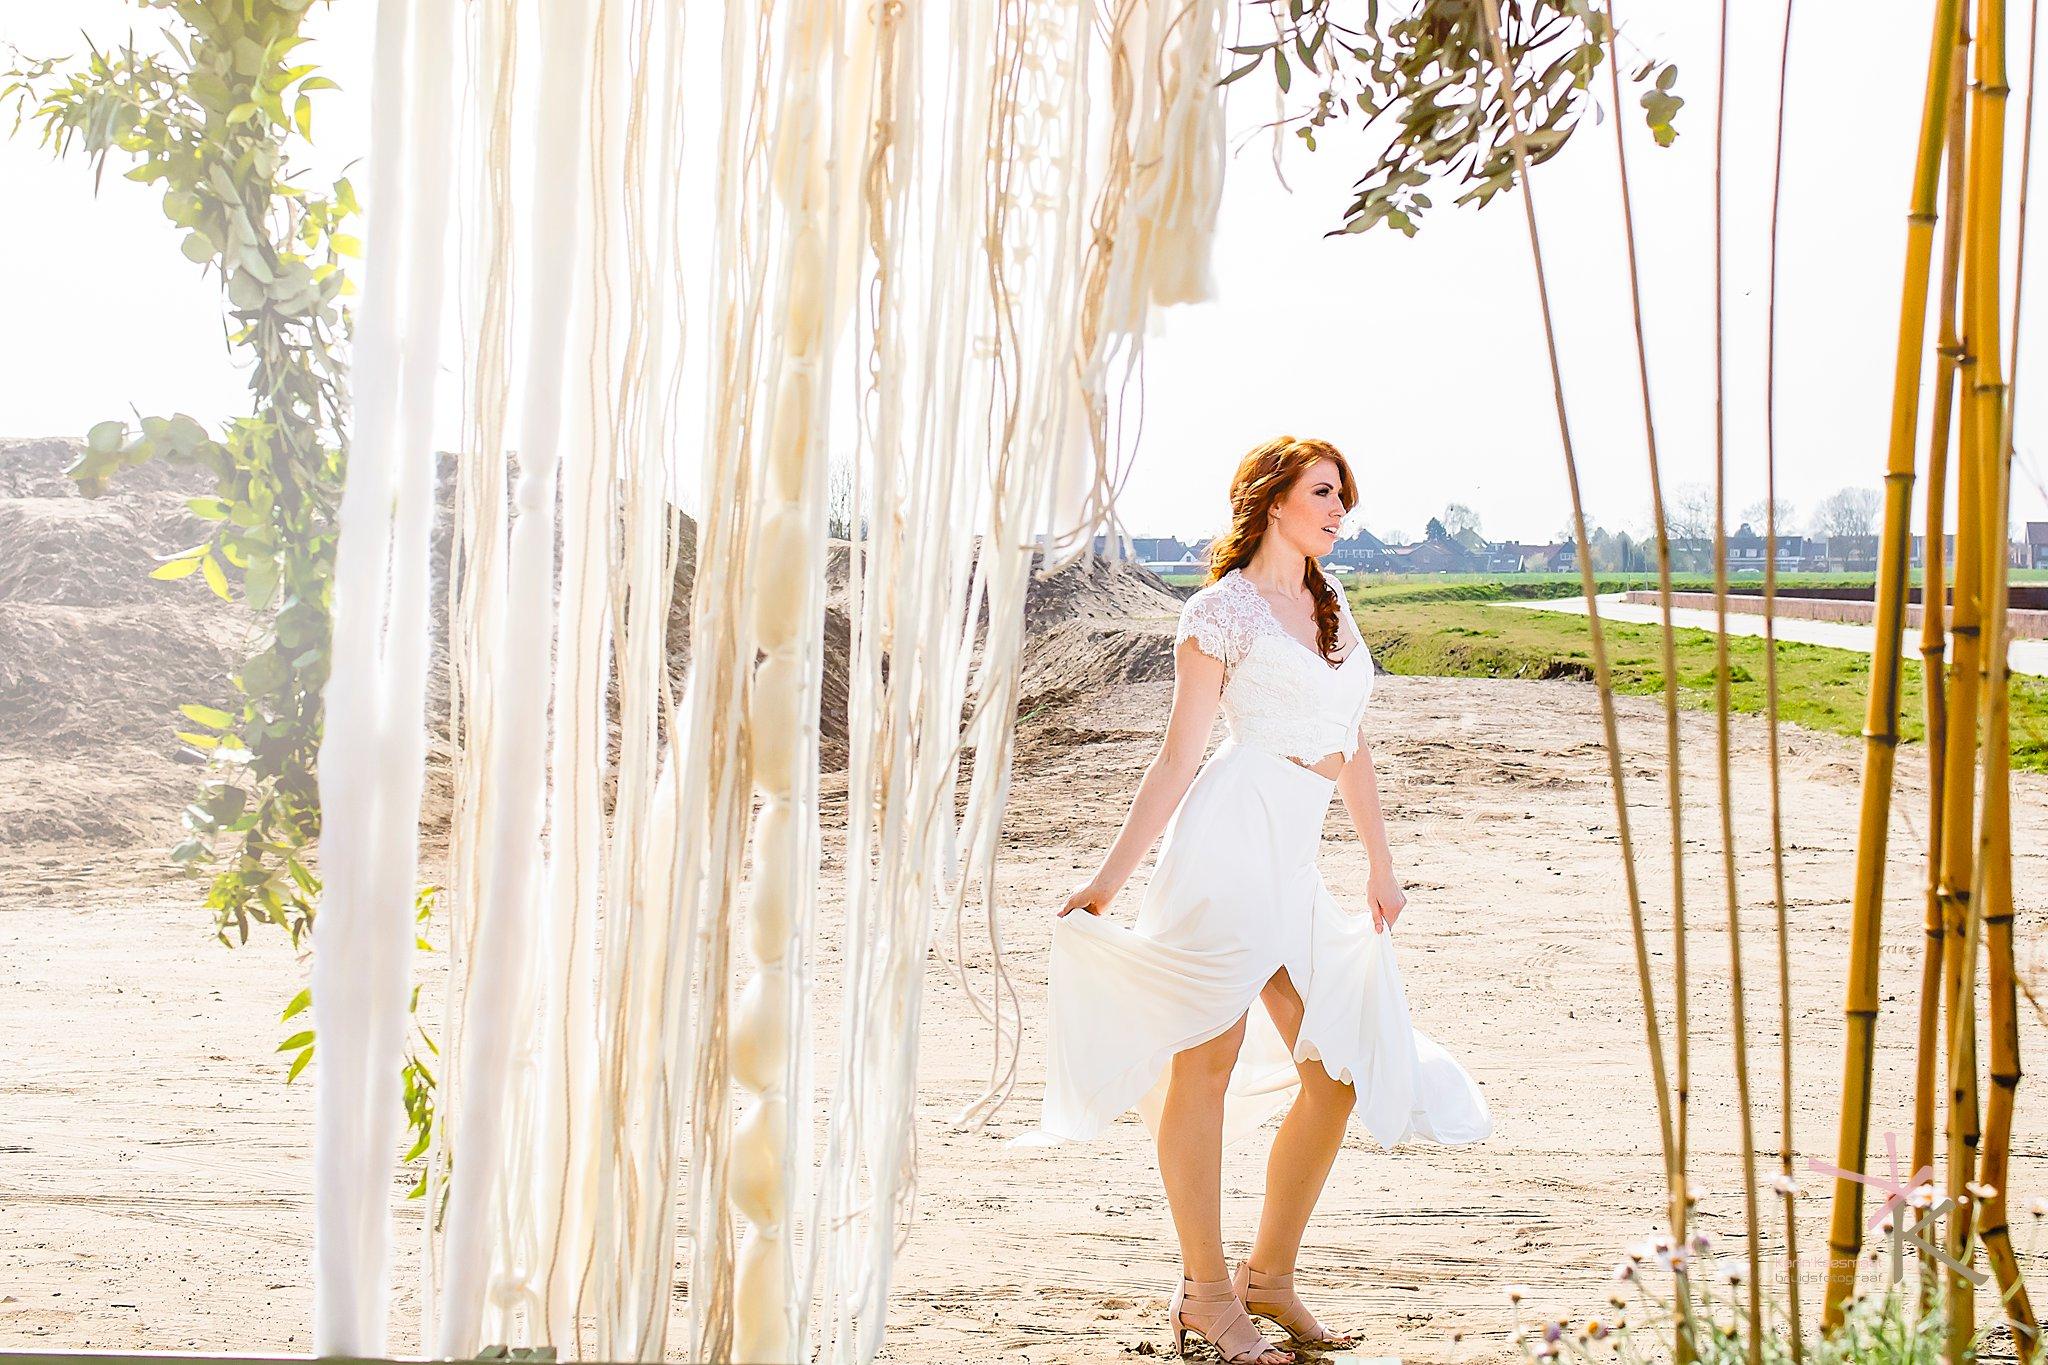 Bruid gefotografeerd door macrame foto gemaakt door Karian Keesmaat van Kijk-Kunstfotografie